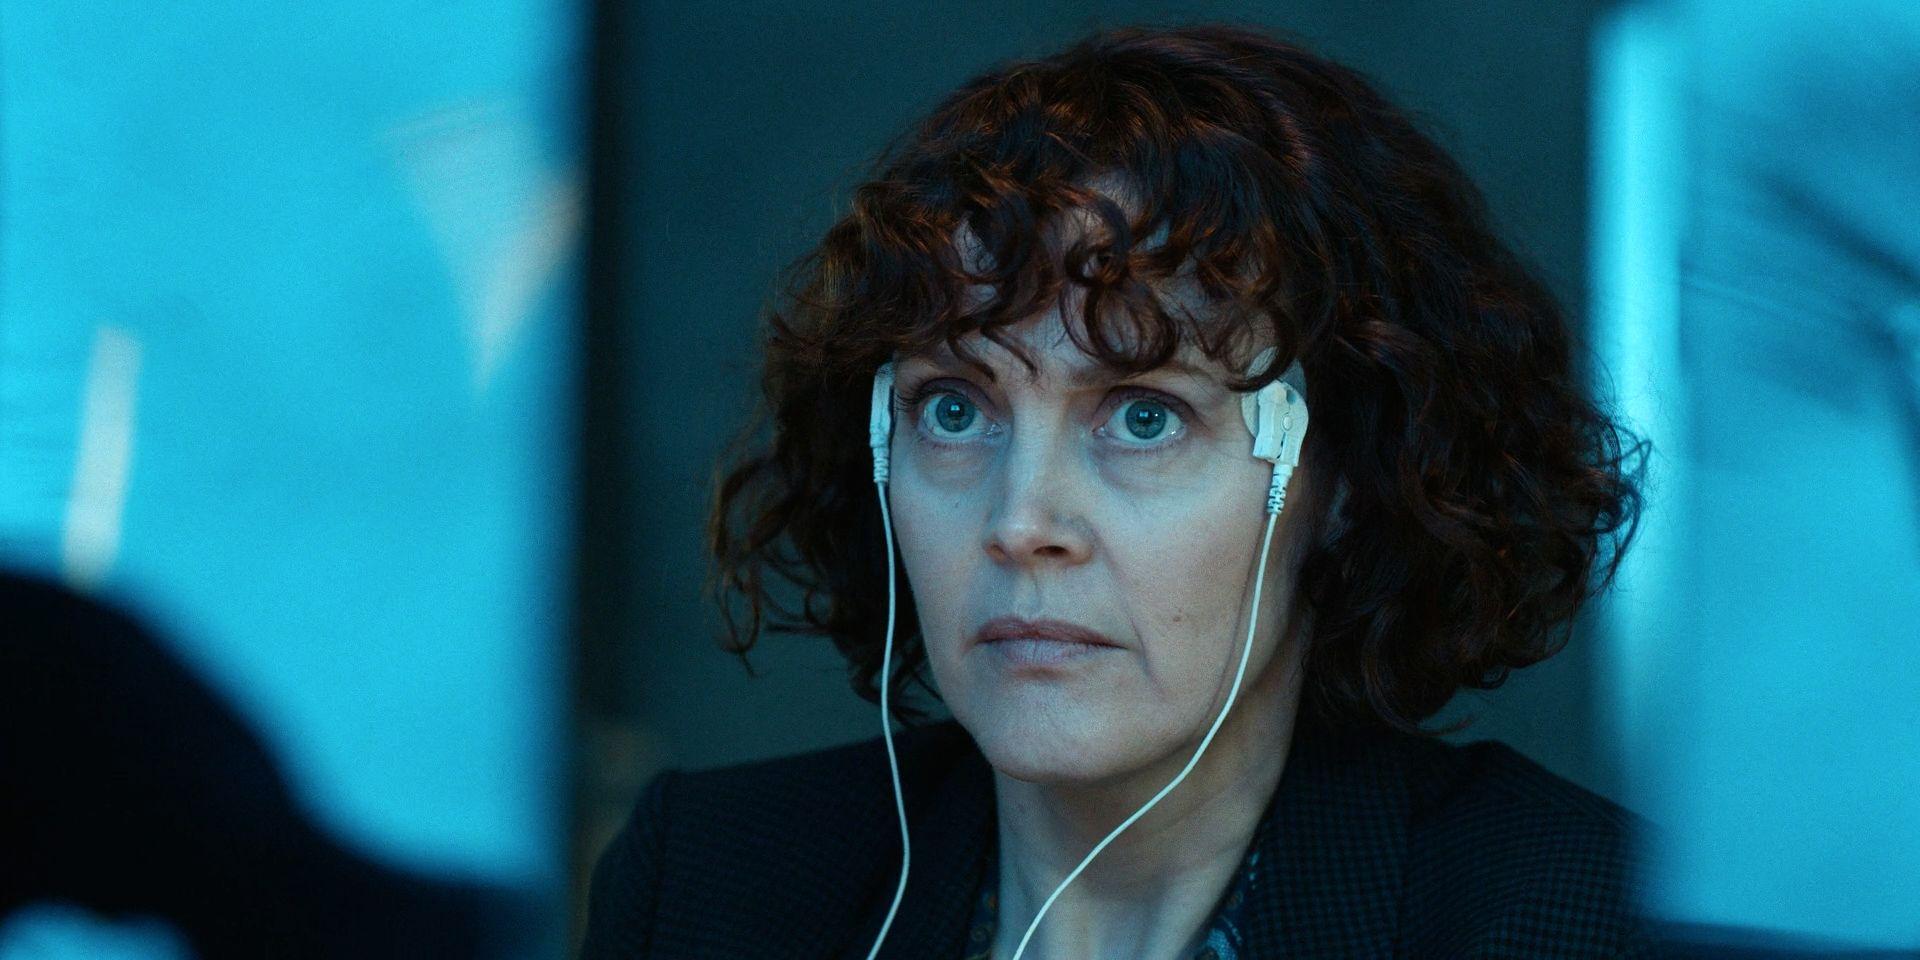 A imagem mostra Mary Malone no que parece ser um laboratório. Ela usa dois conectores em suas têmporas, e olha preocupada para cima.